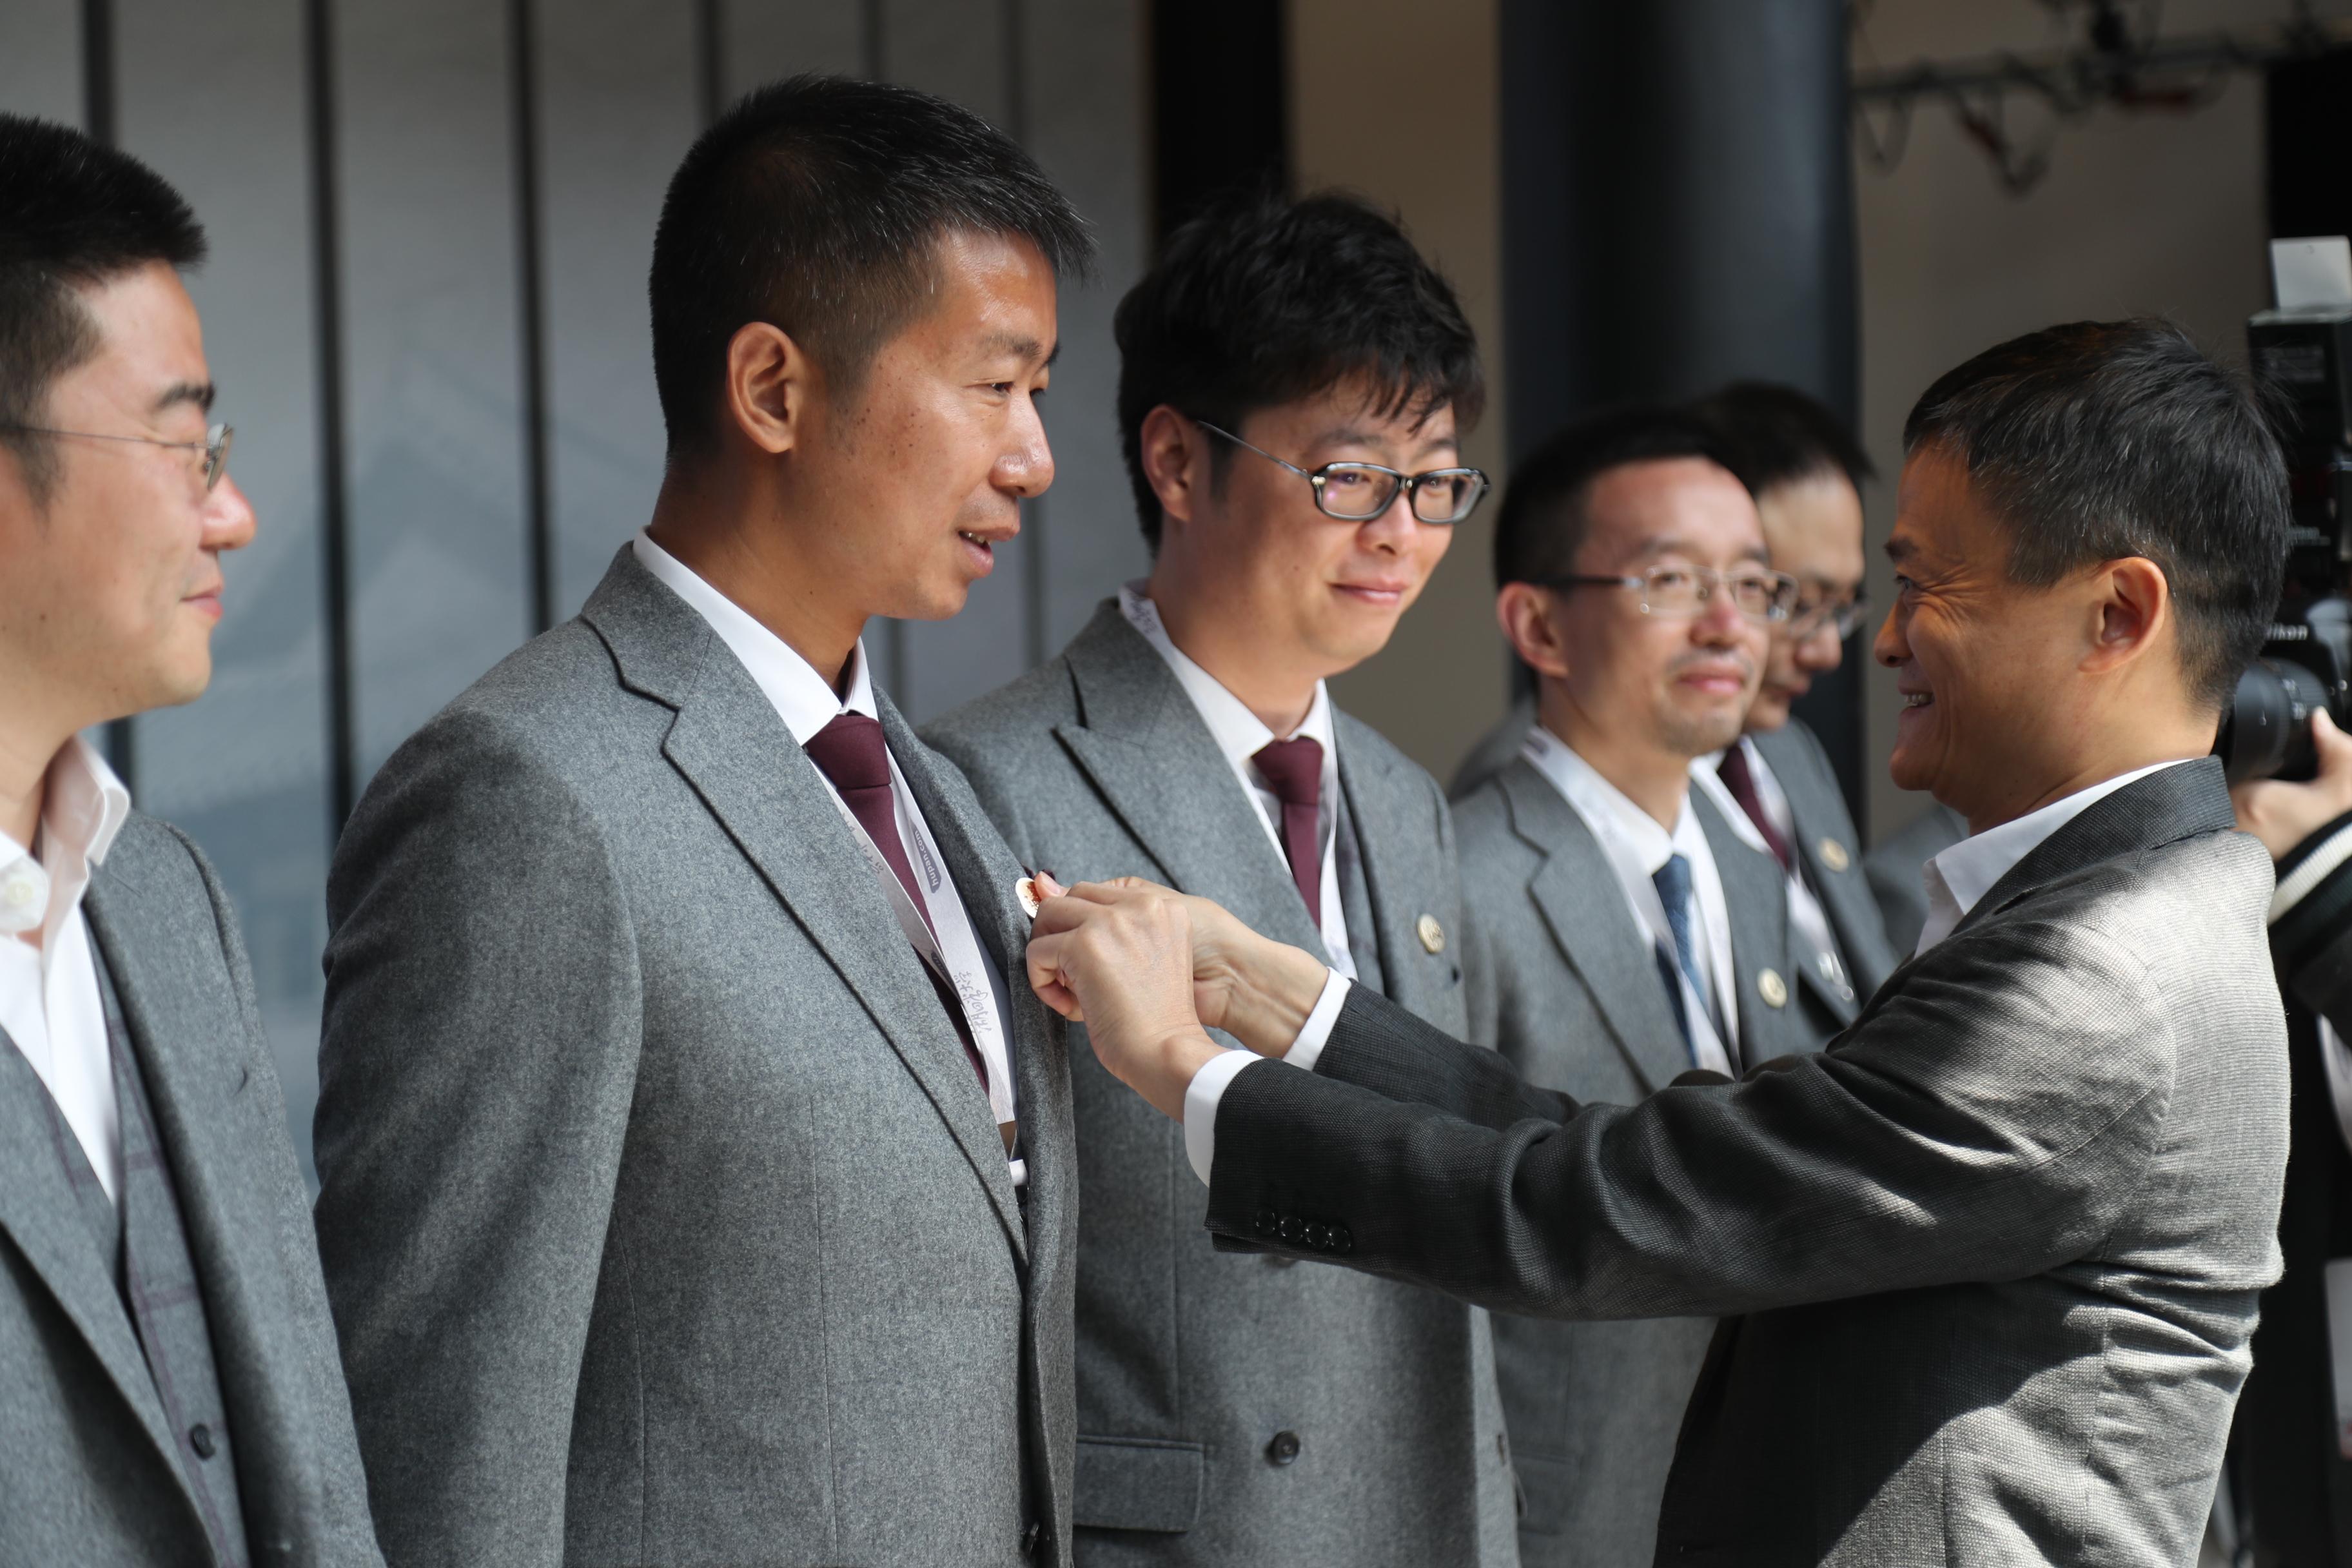 44名新学员依次上台,校长马云亲自为每人戴上校徽,以表达寄望和传承之意。